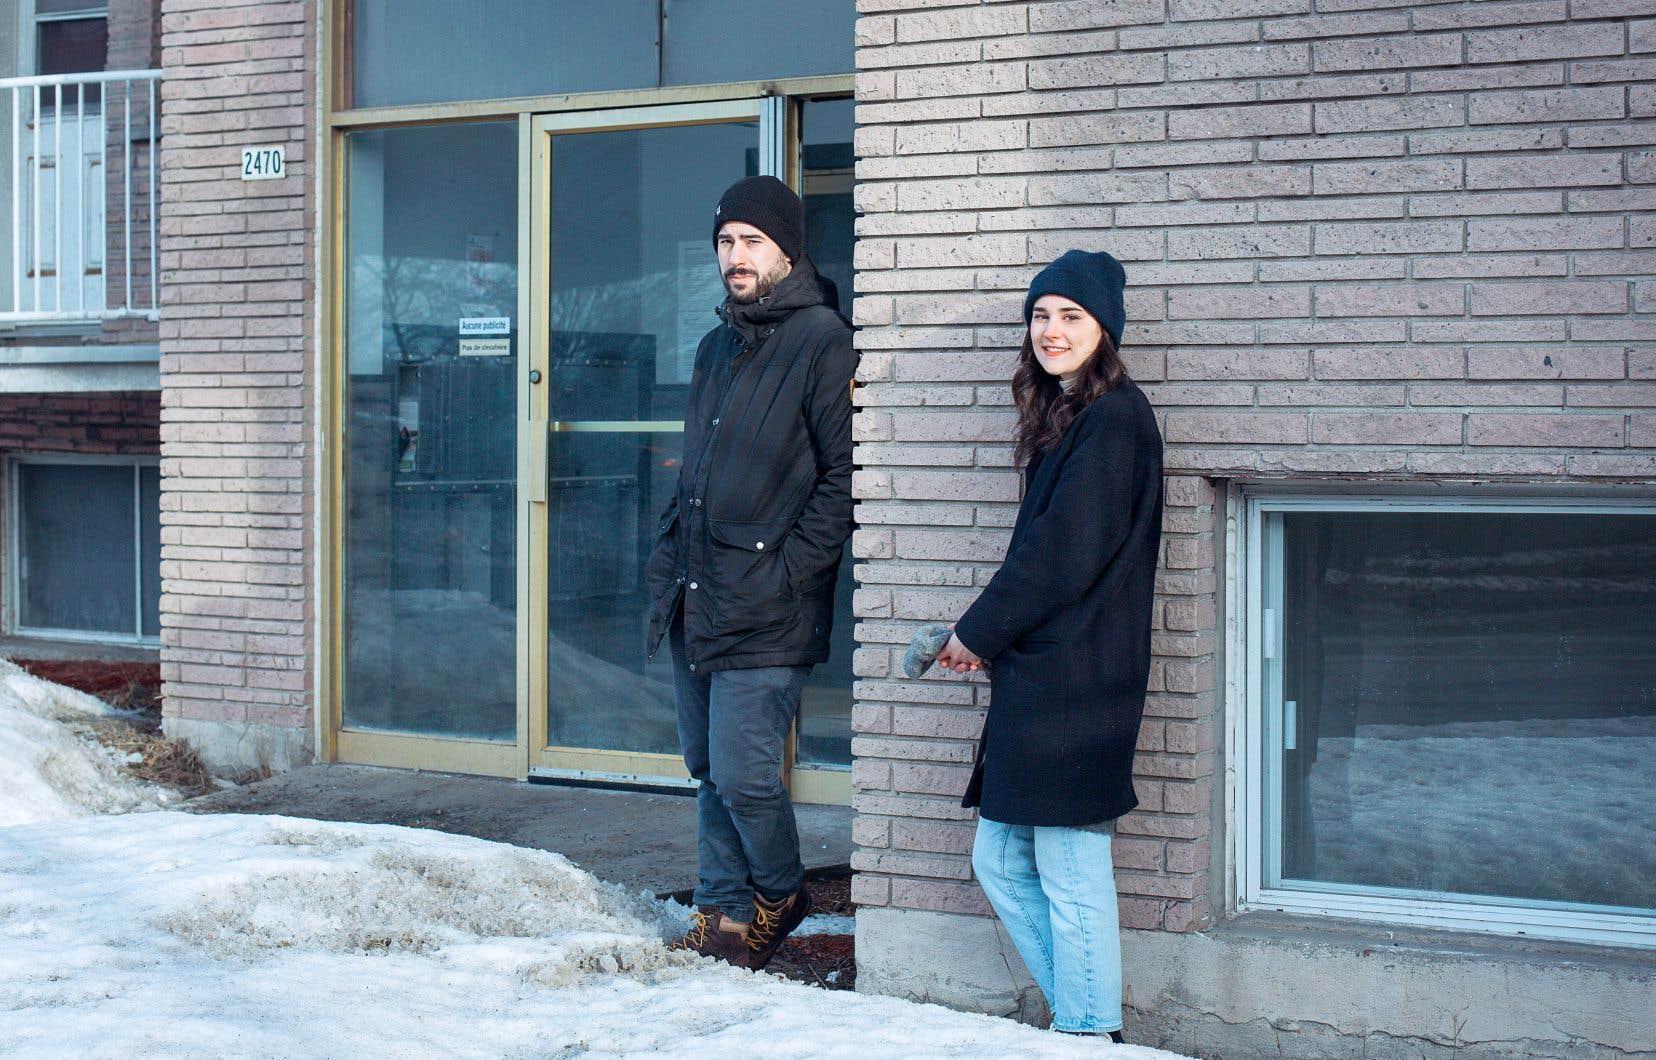 Le réalisateur et co-scénariste Éric Piccoli et la co-scénariste Florence Lafond devant l'immeuble où se déroule une grande partie de la série